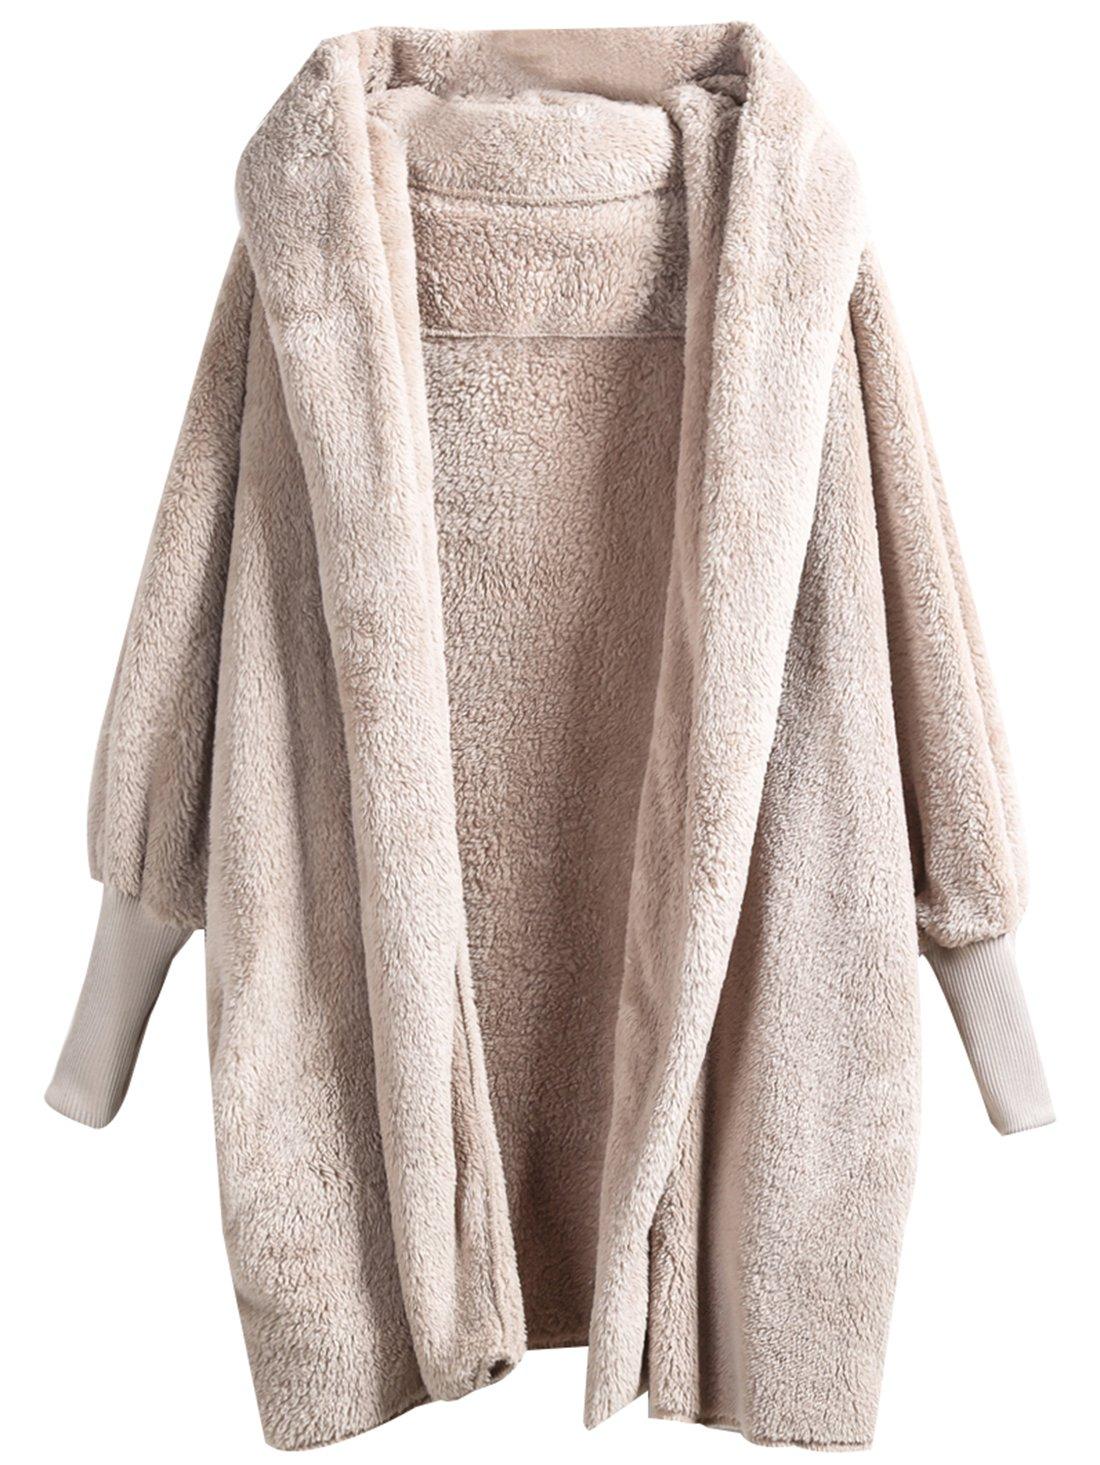 SweatyRocks Women Khaki Hooded Dolman Sleeve Faux Fur Cardigan Coat For Winter (One Size, Apricot)